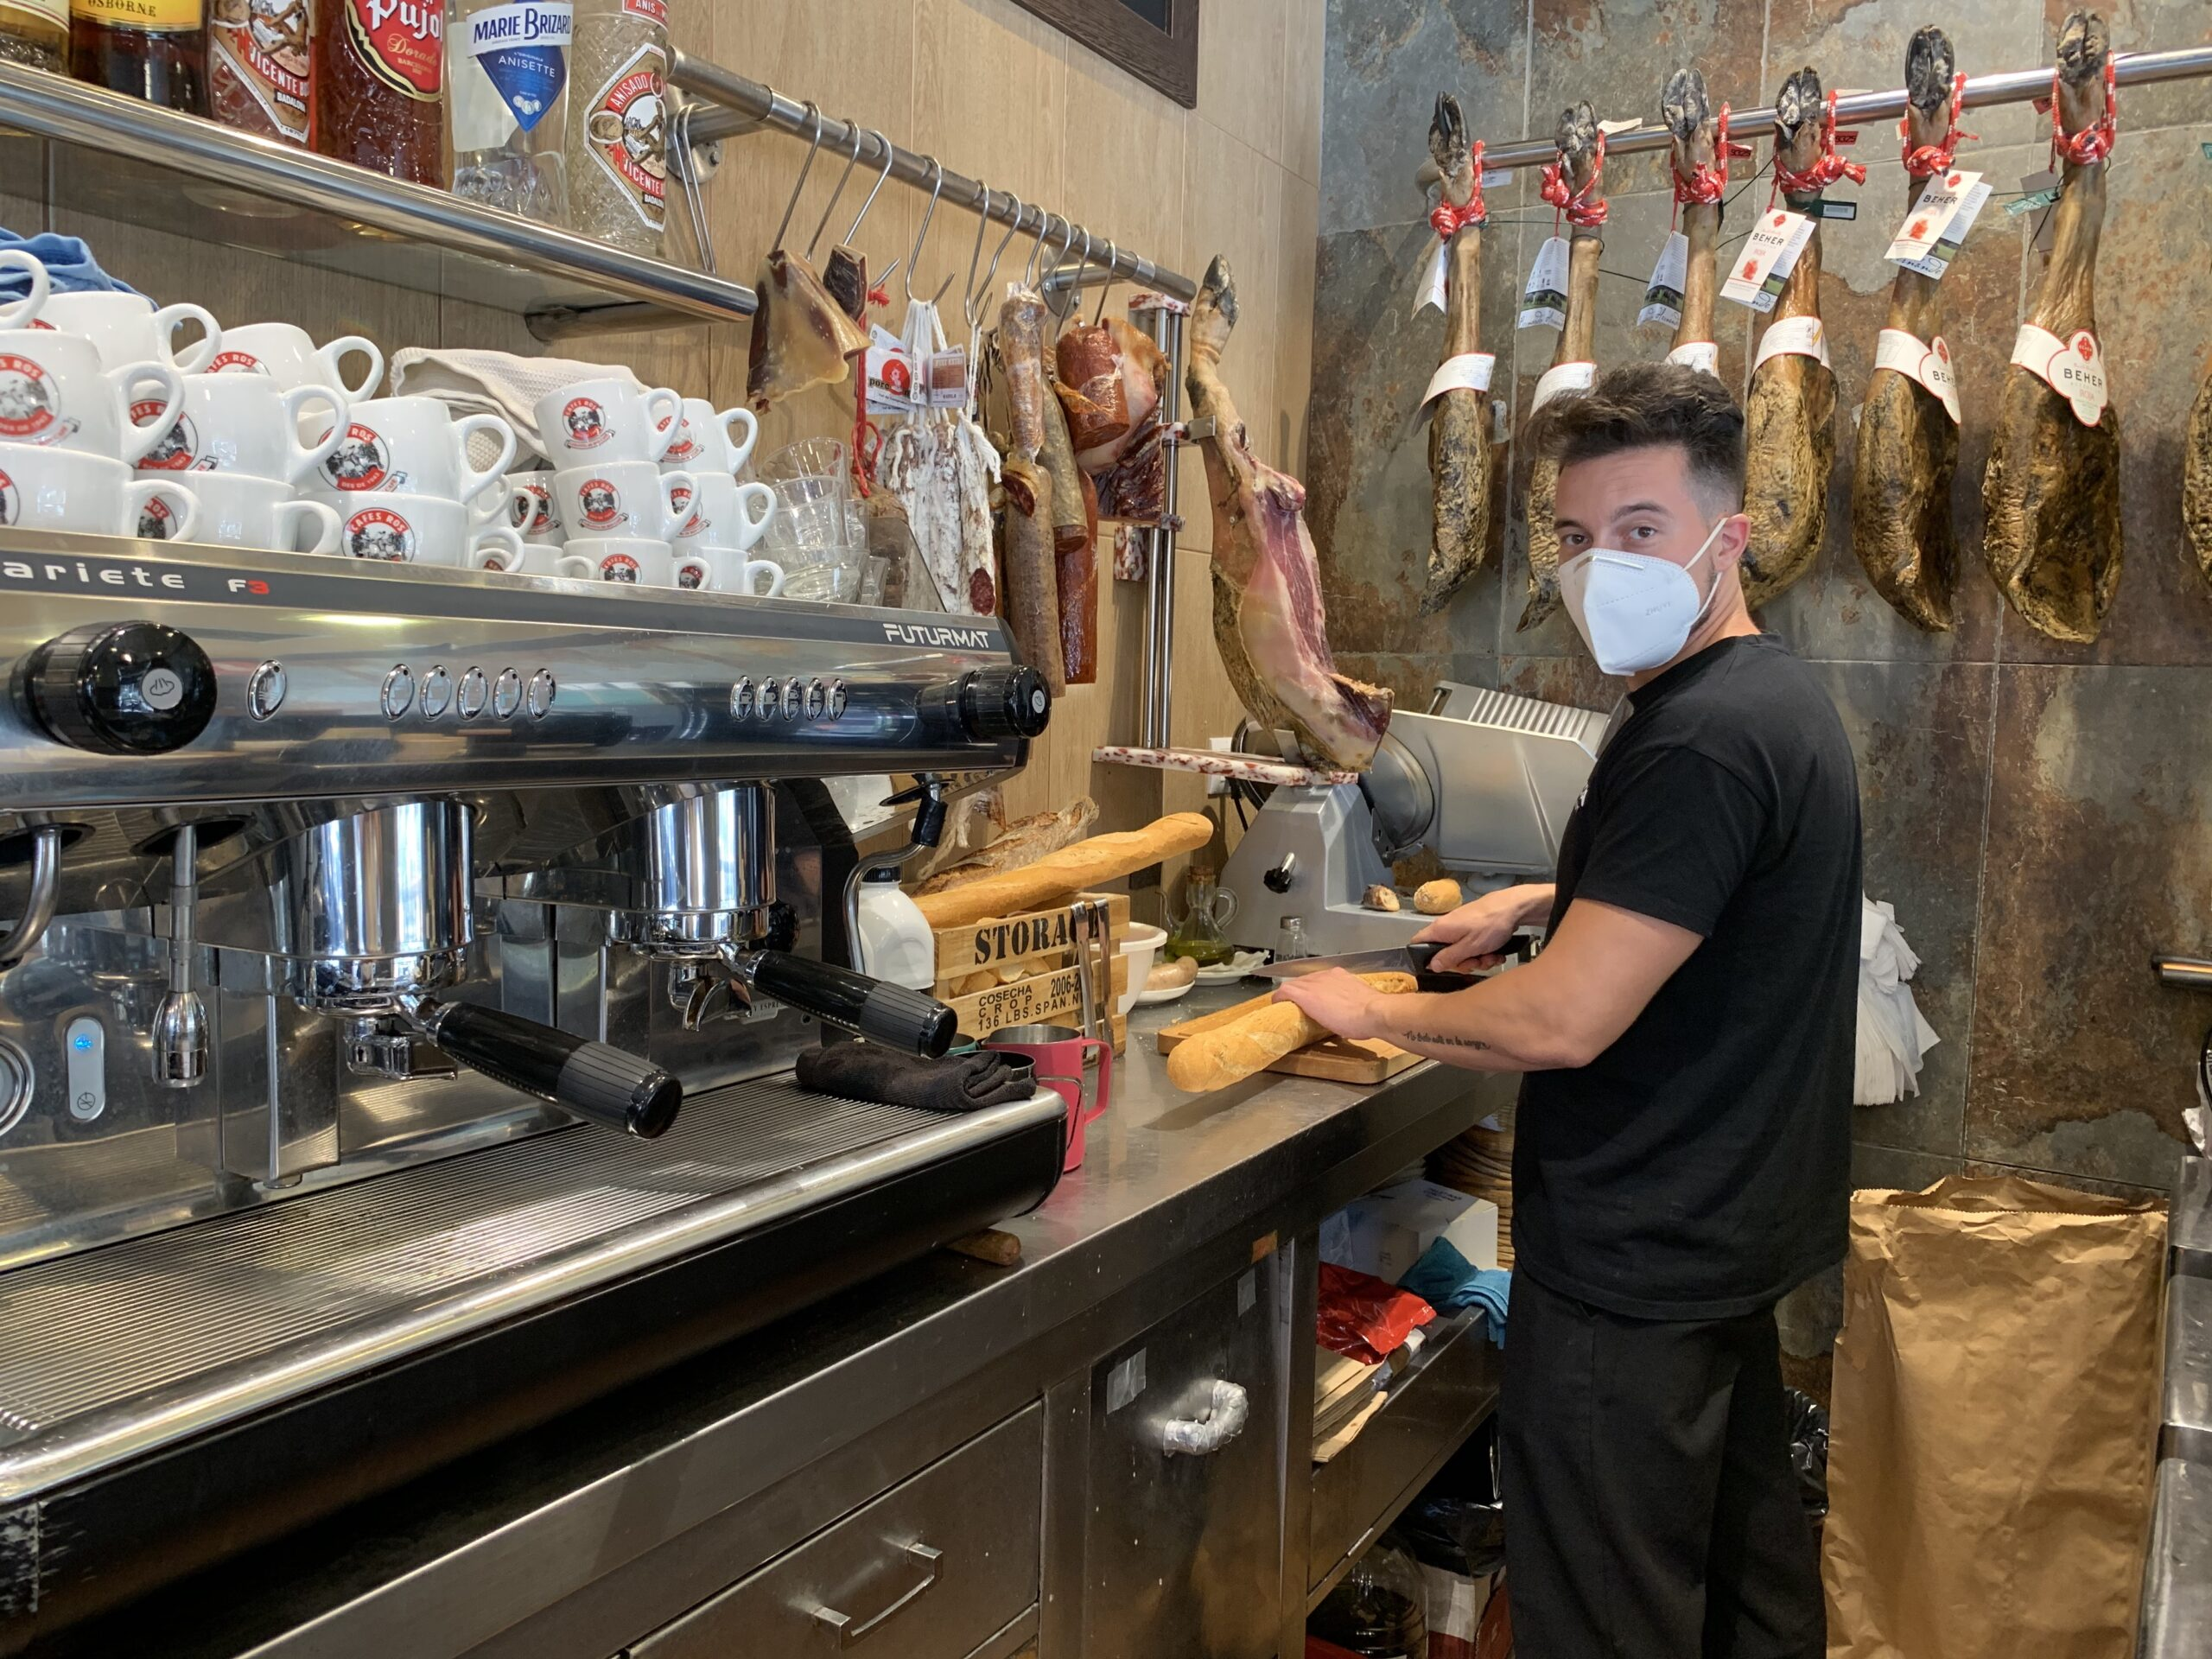 El Javi treballa al restaurant Silván, un negoci familiar que va inaugurar-se fa 30 anys / Mar Martínez